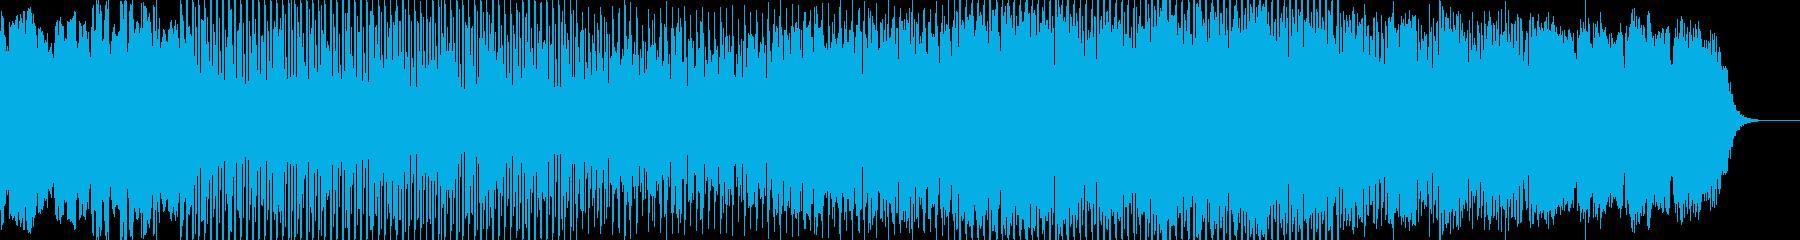 80年代風のダンスミュージックです。温…の再生済みの波形